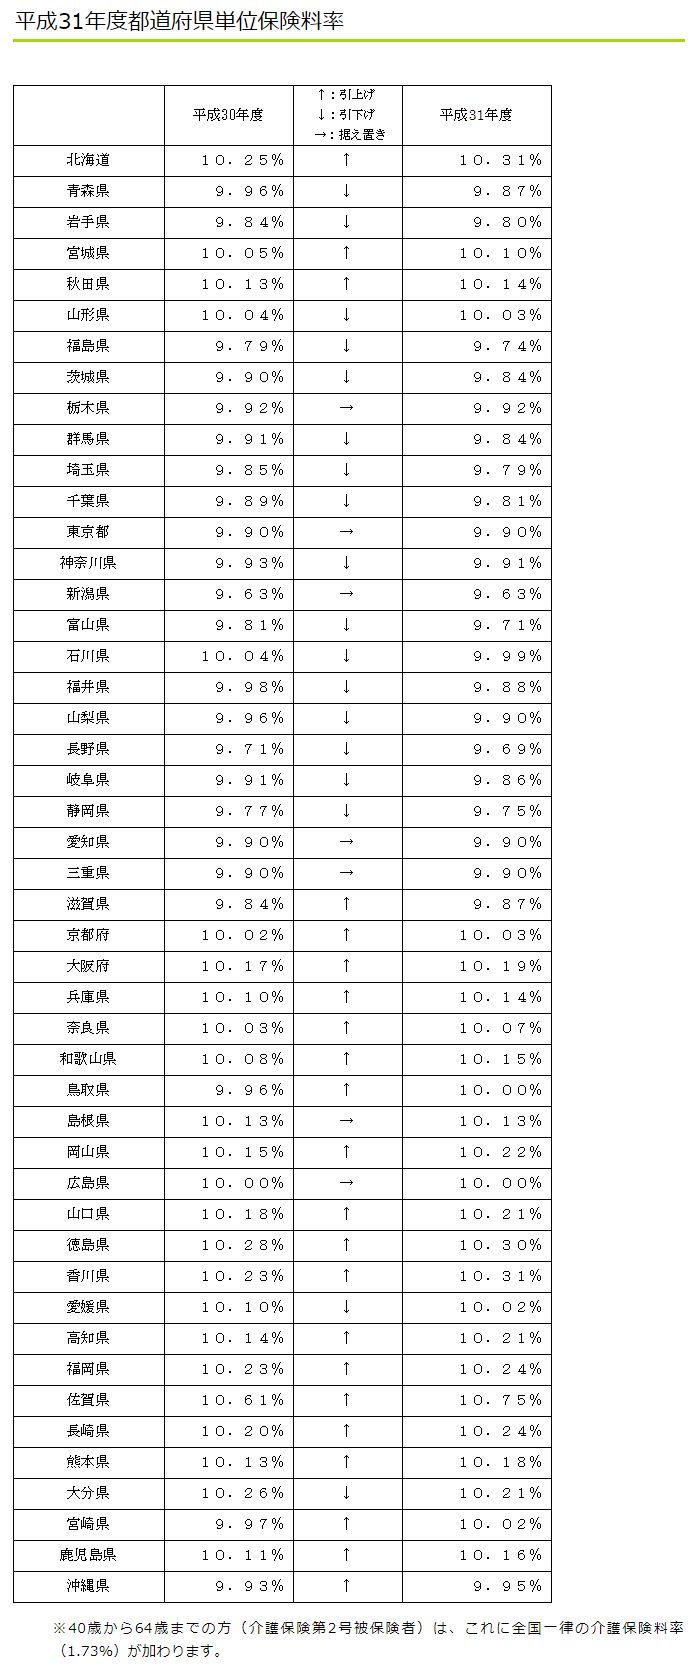 平成31年度都道府県単位保険料率表